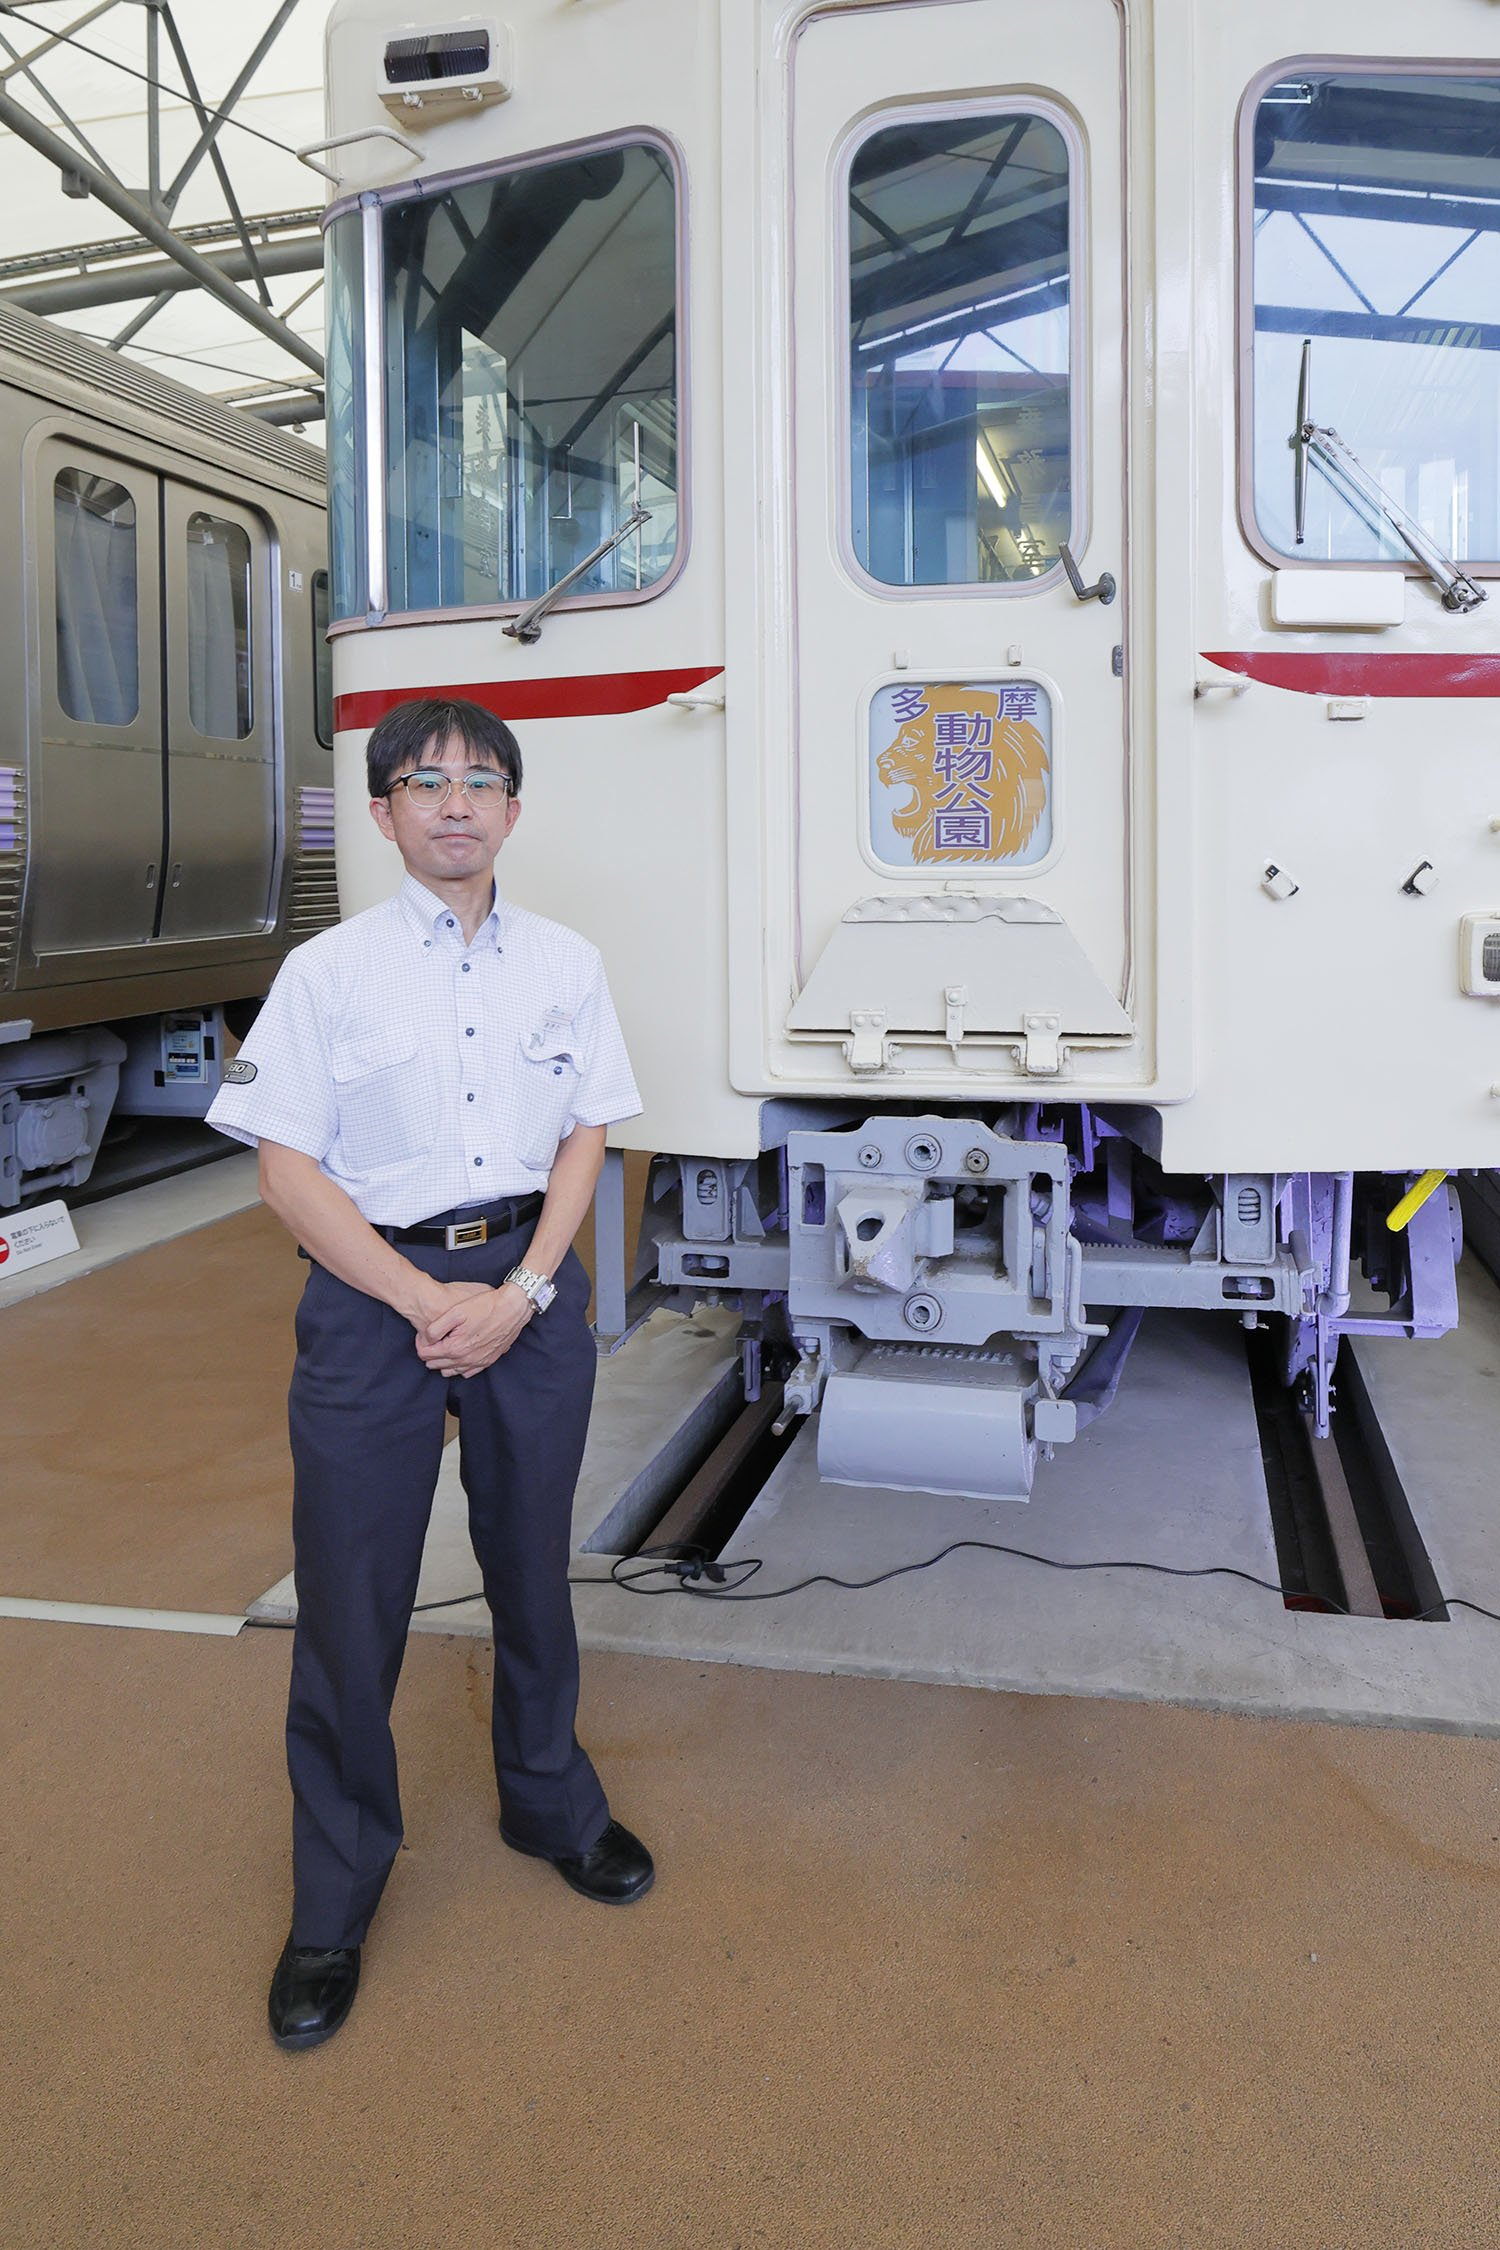 京王れーるランドスタッフ秋田さん